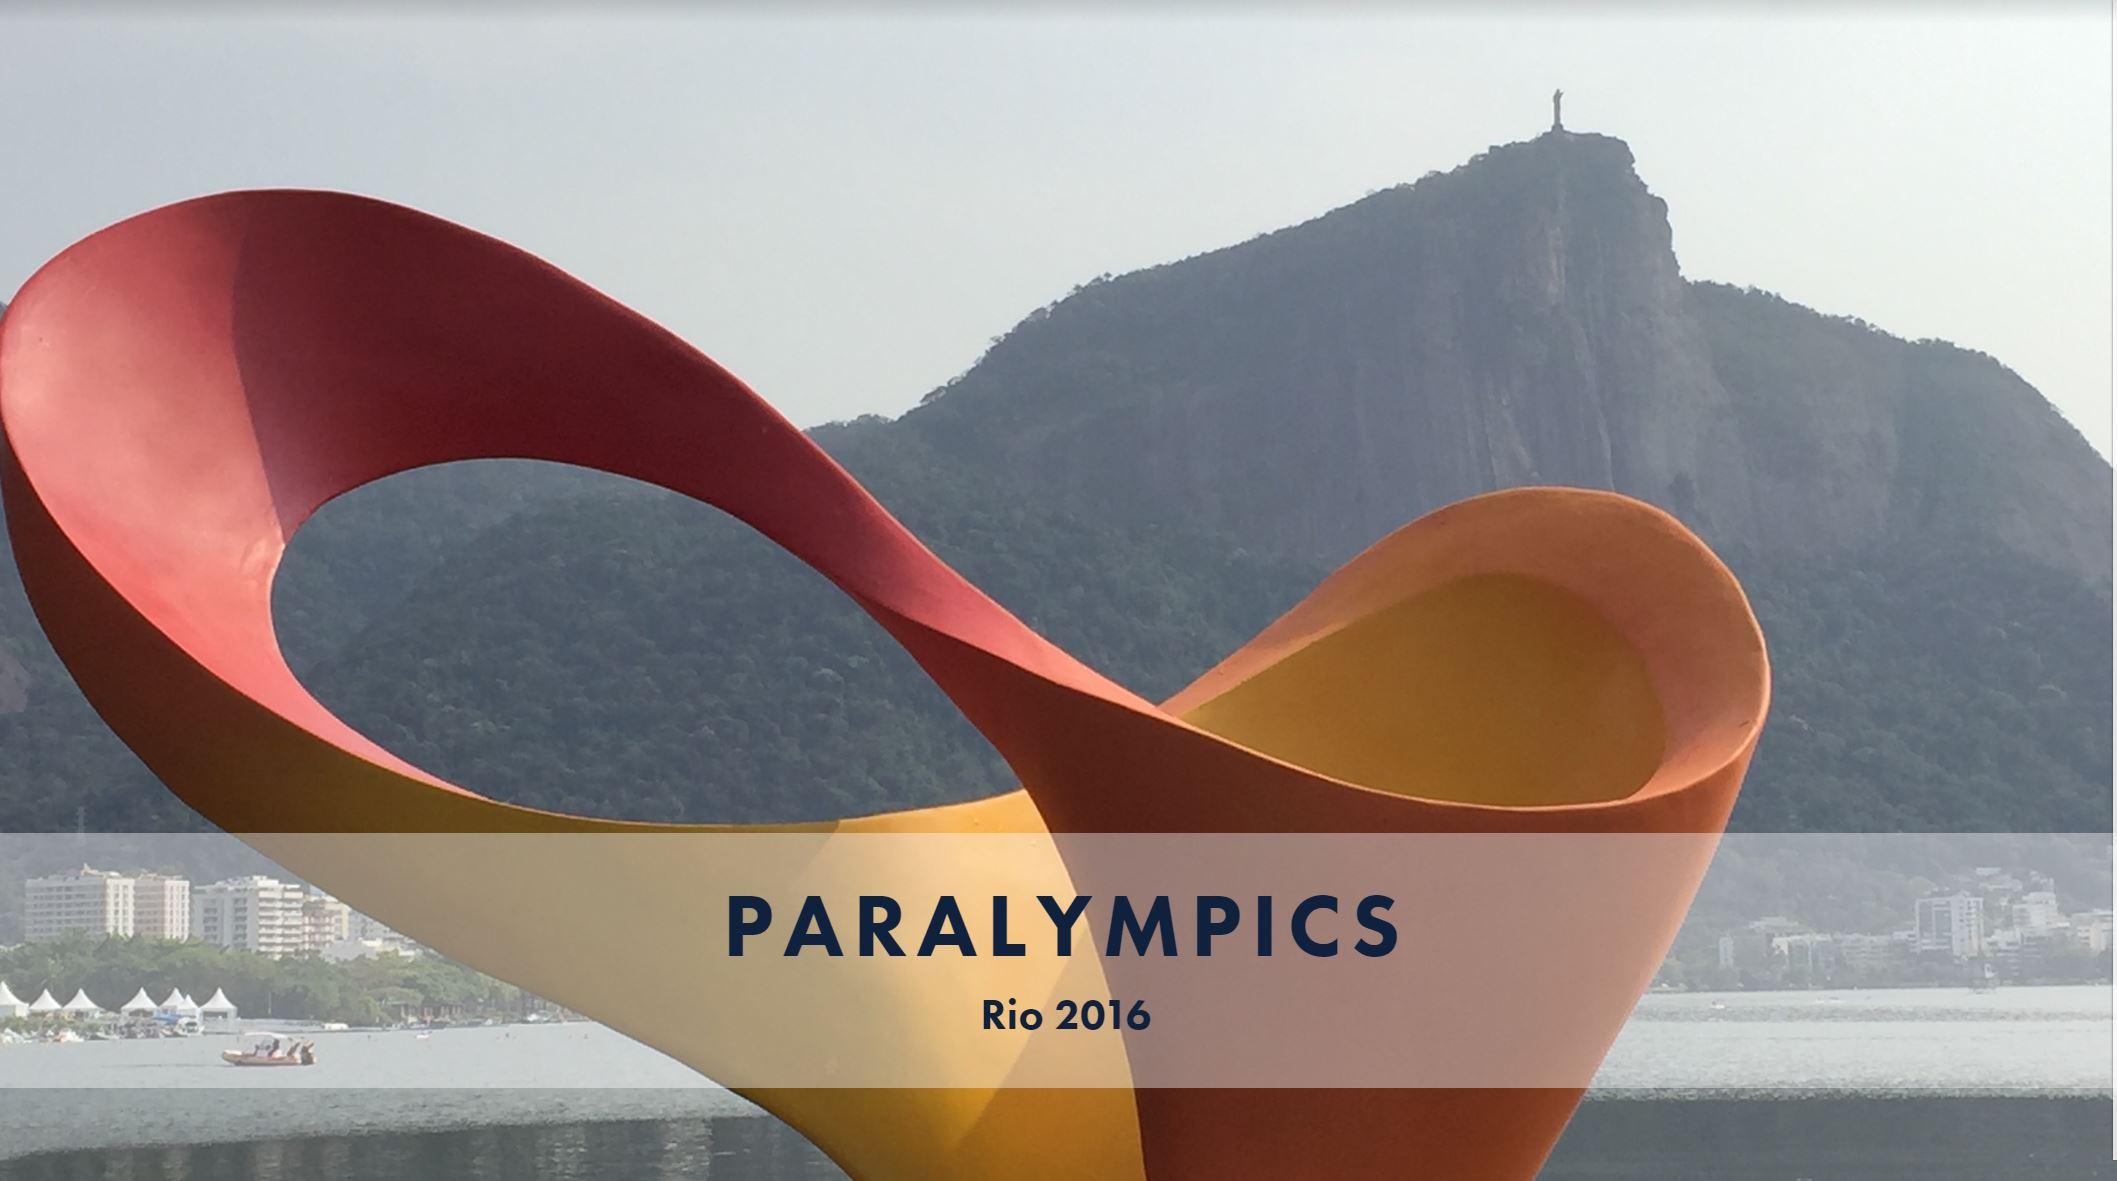 Rio 2016 Paralympics!